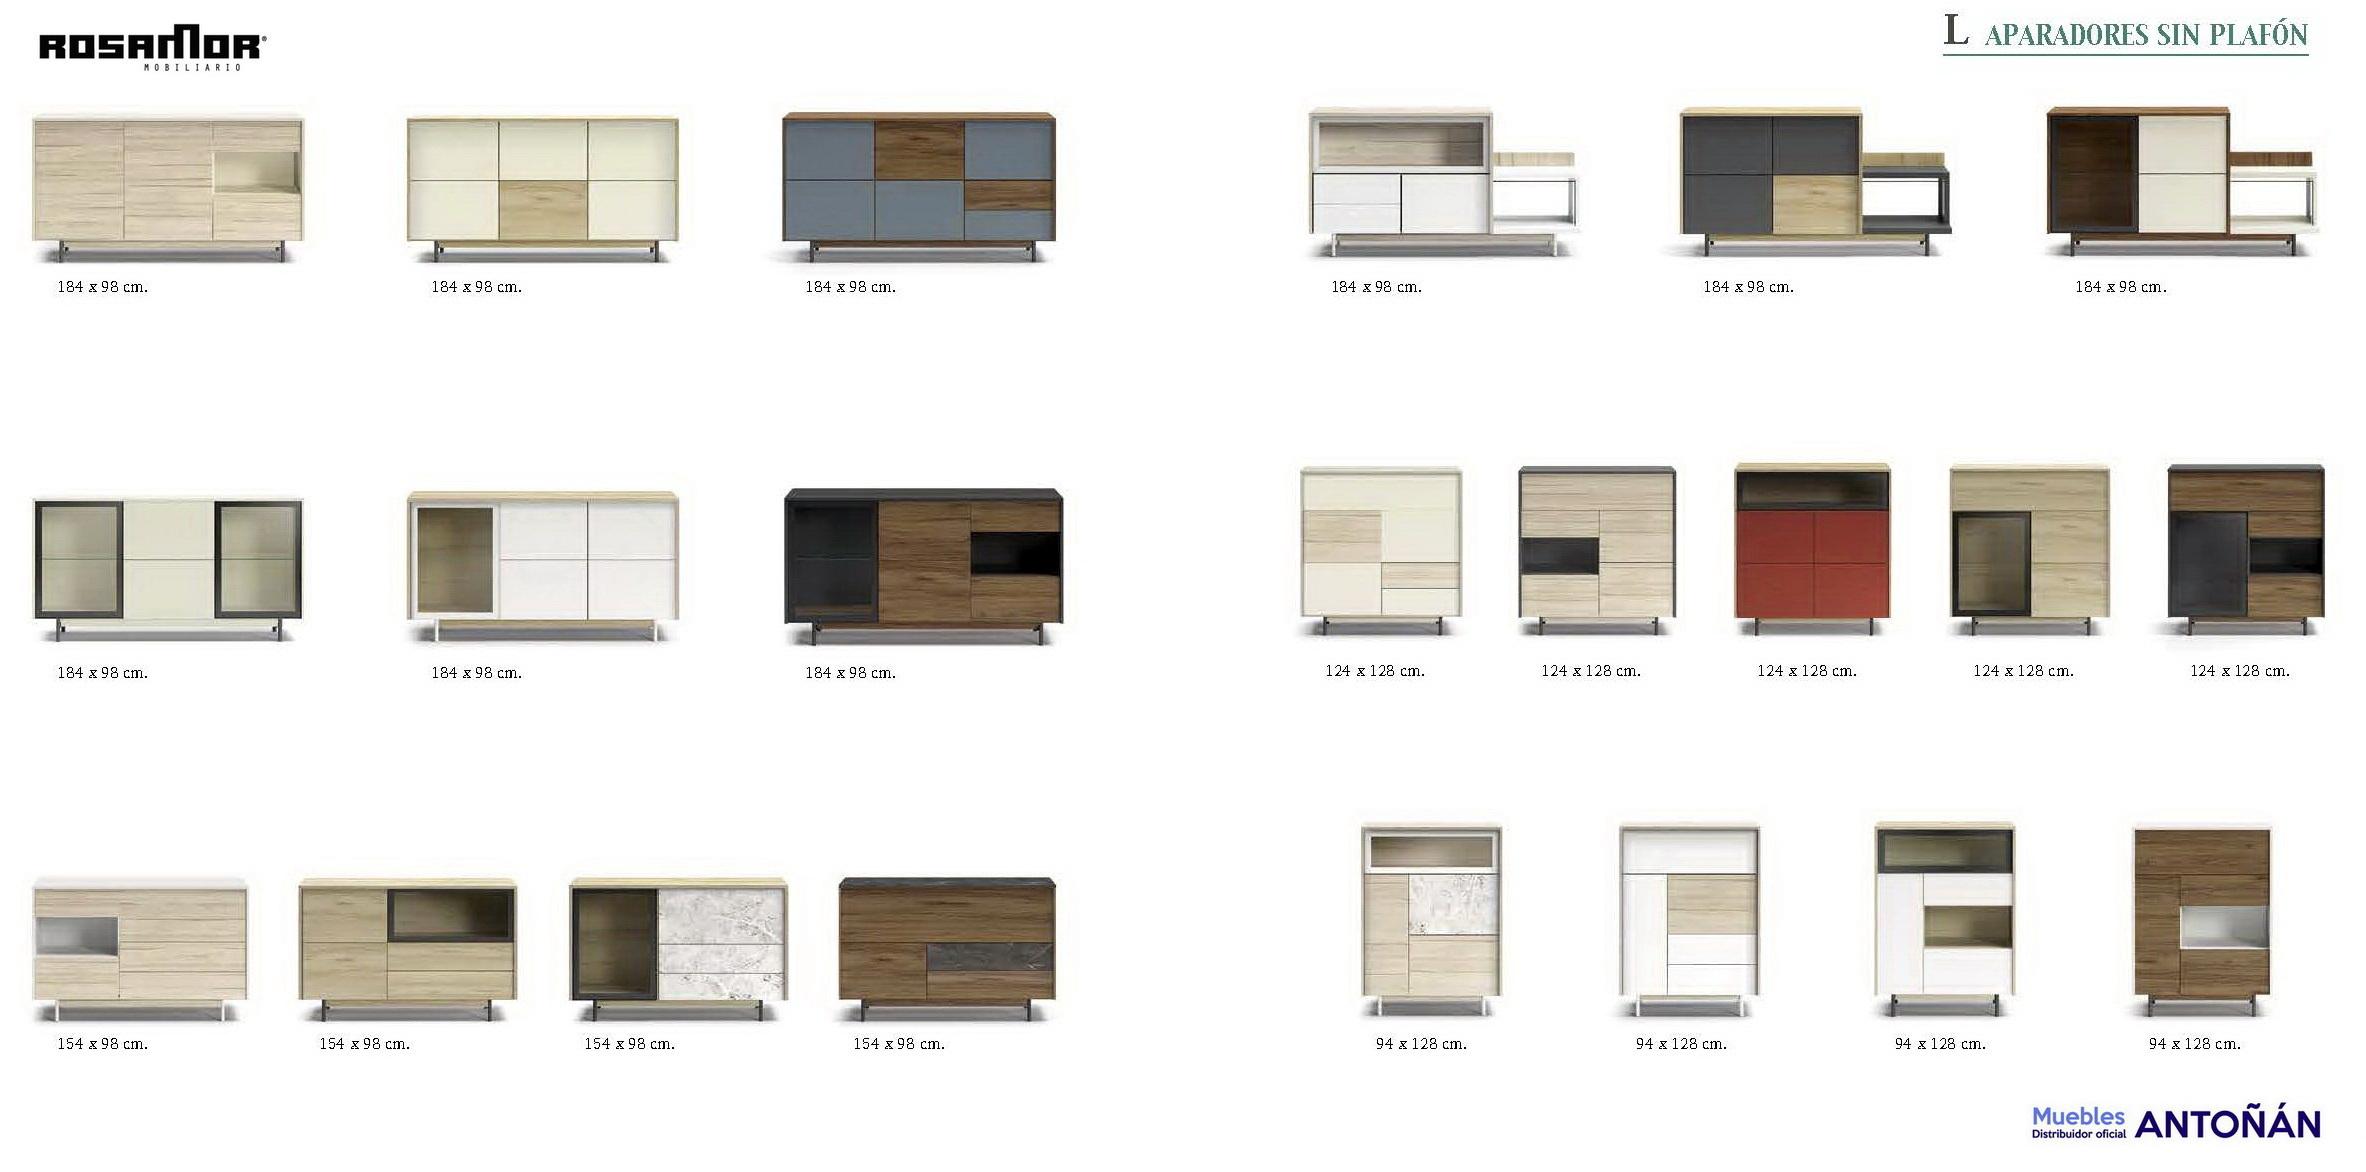 Resumen Aparadores Modernos by Rosamor 02 de venta en muebles antoñán® León